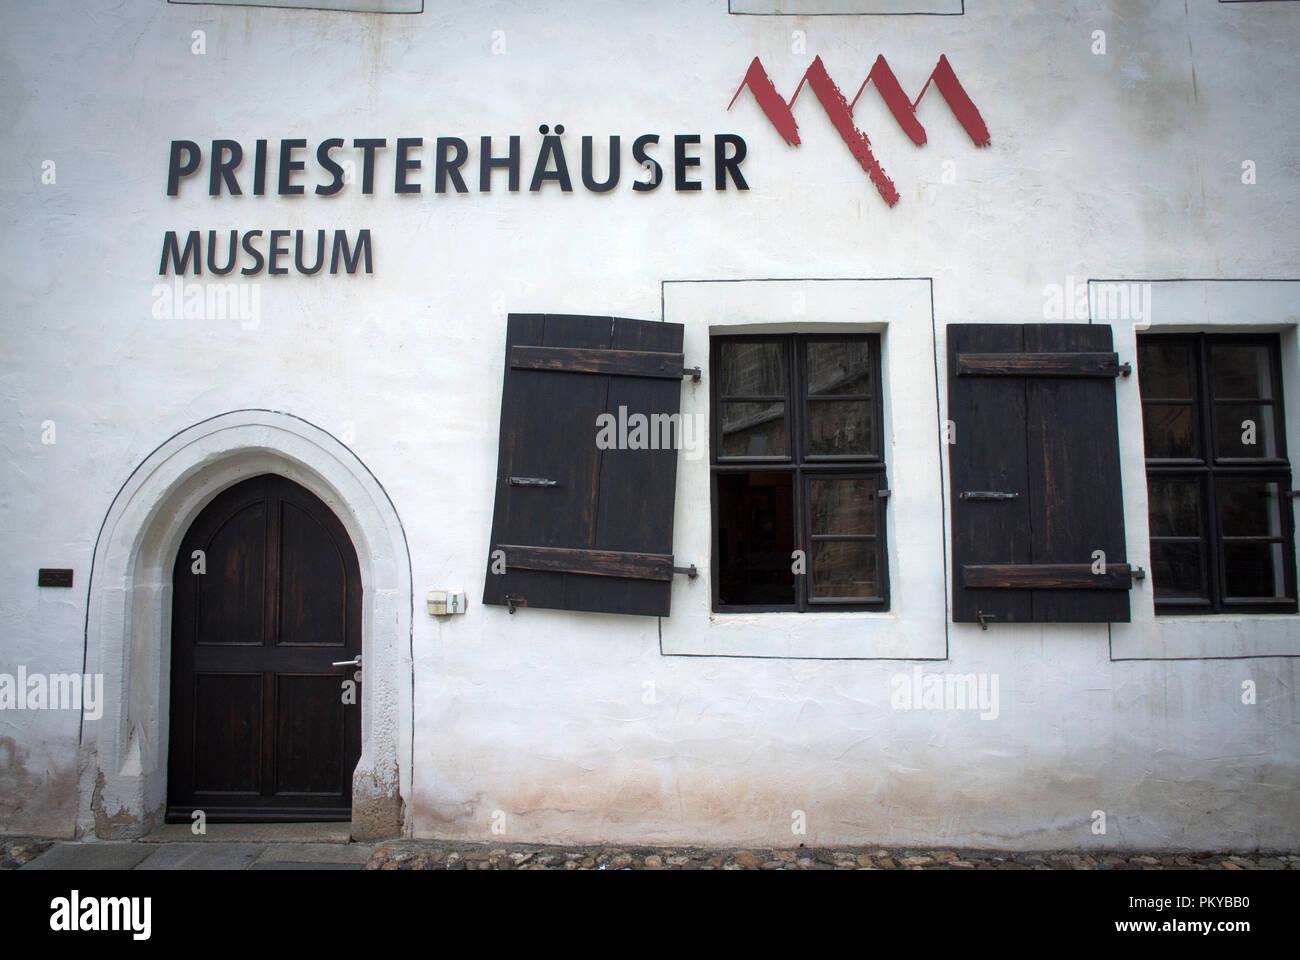 Die Priesterhauser Museum in Zwickau, Sachsen, Deutschland Stockbild